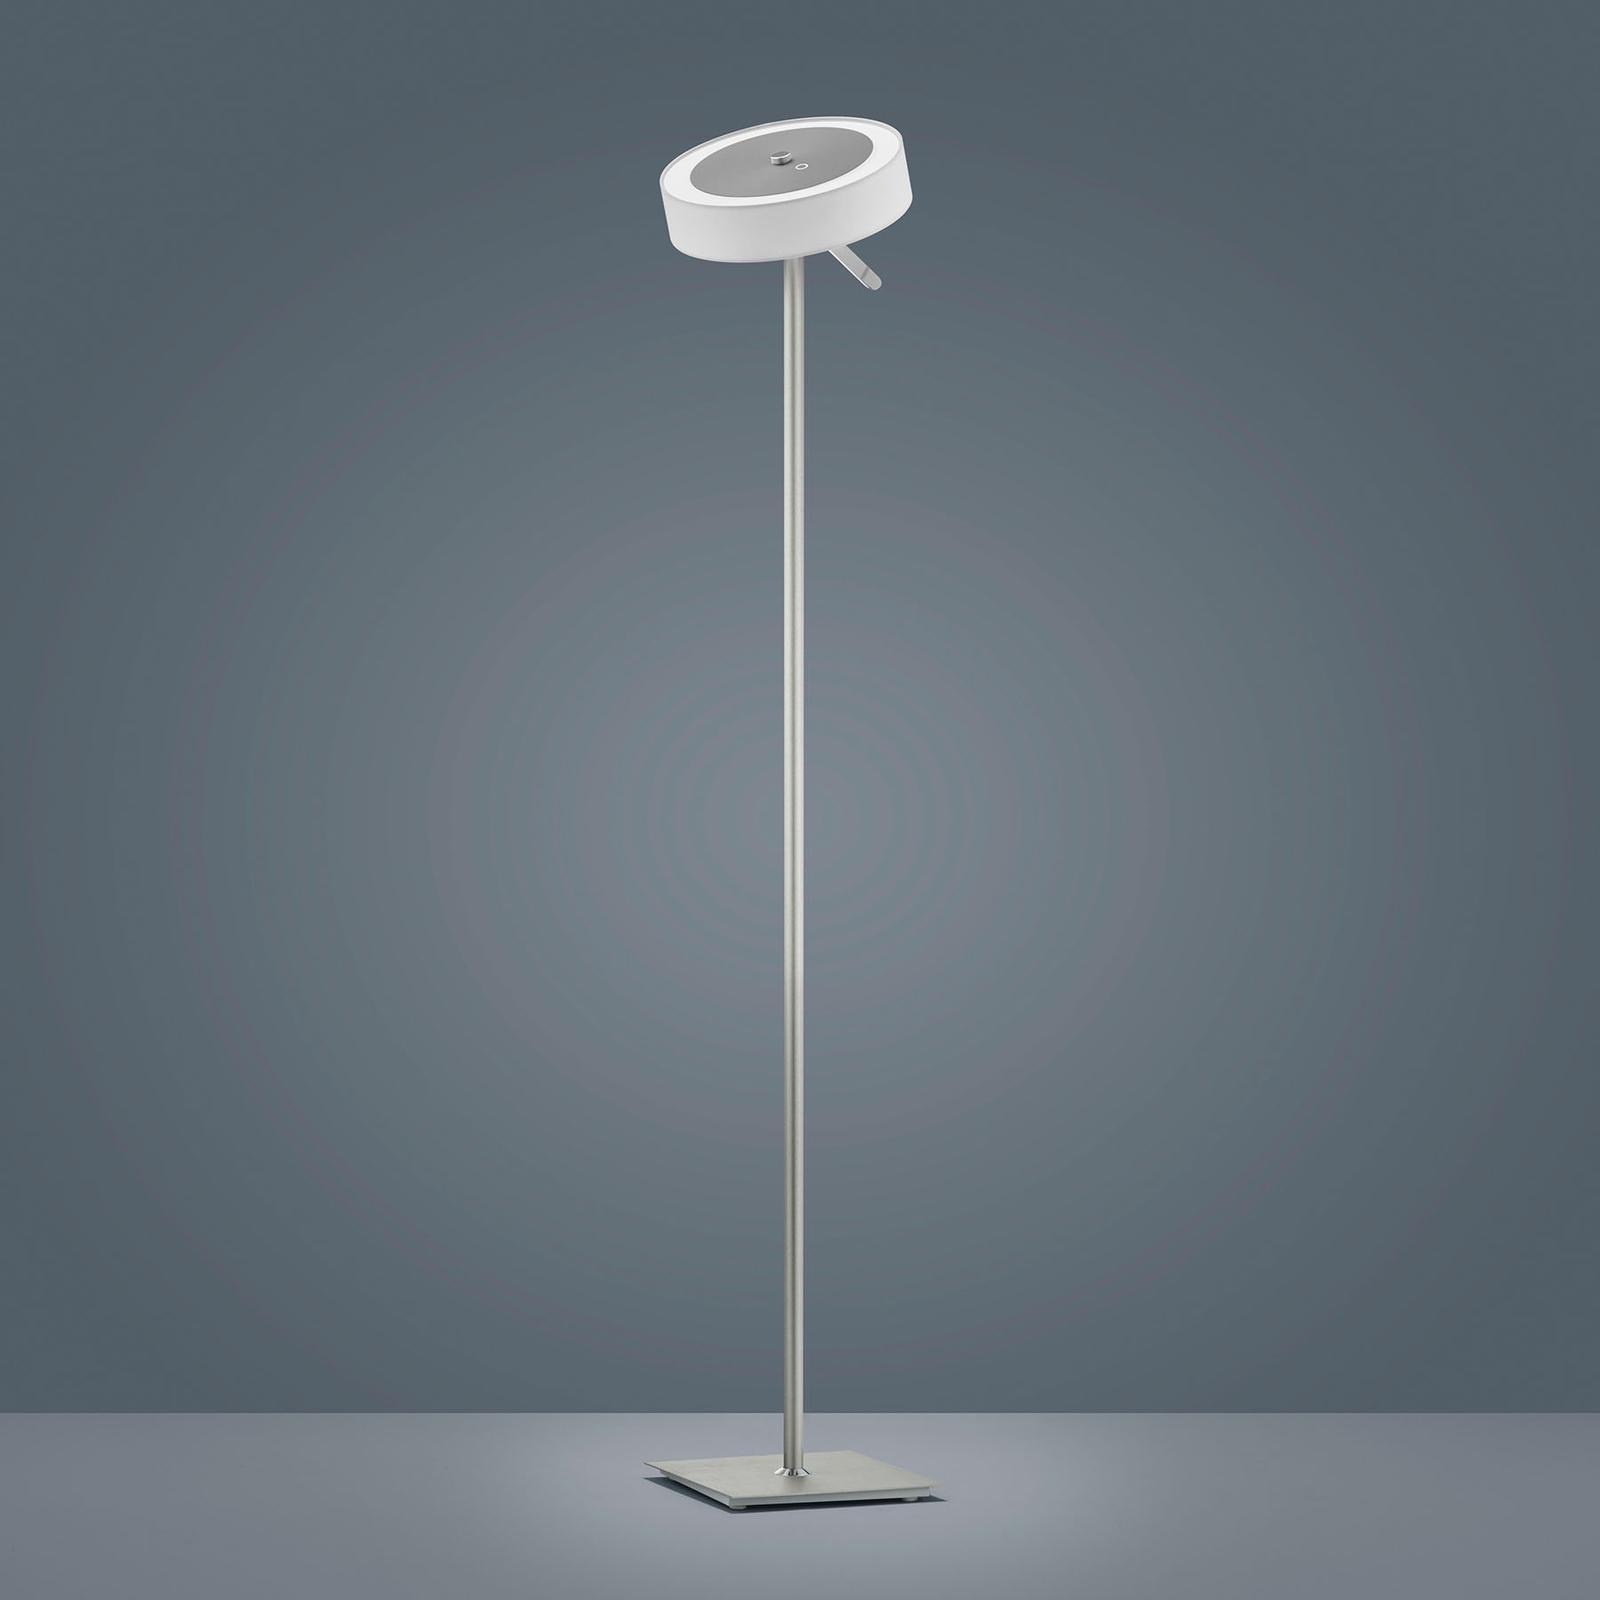 Helestra Bora lampa stojąca LED, klosz biały